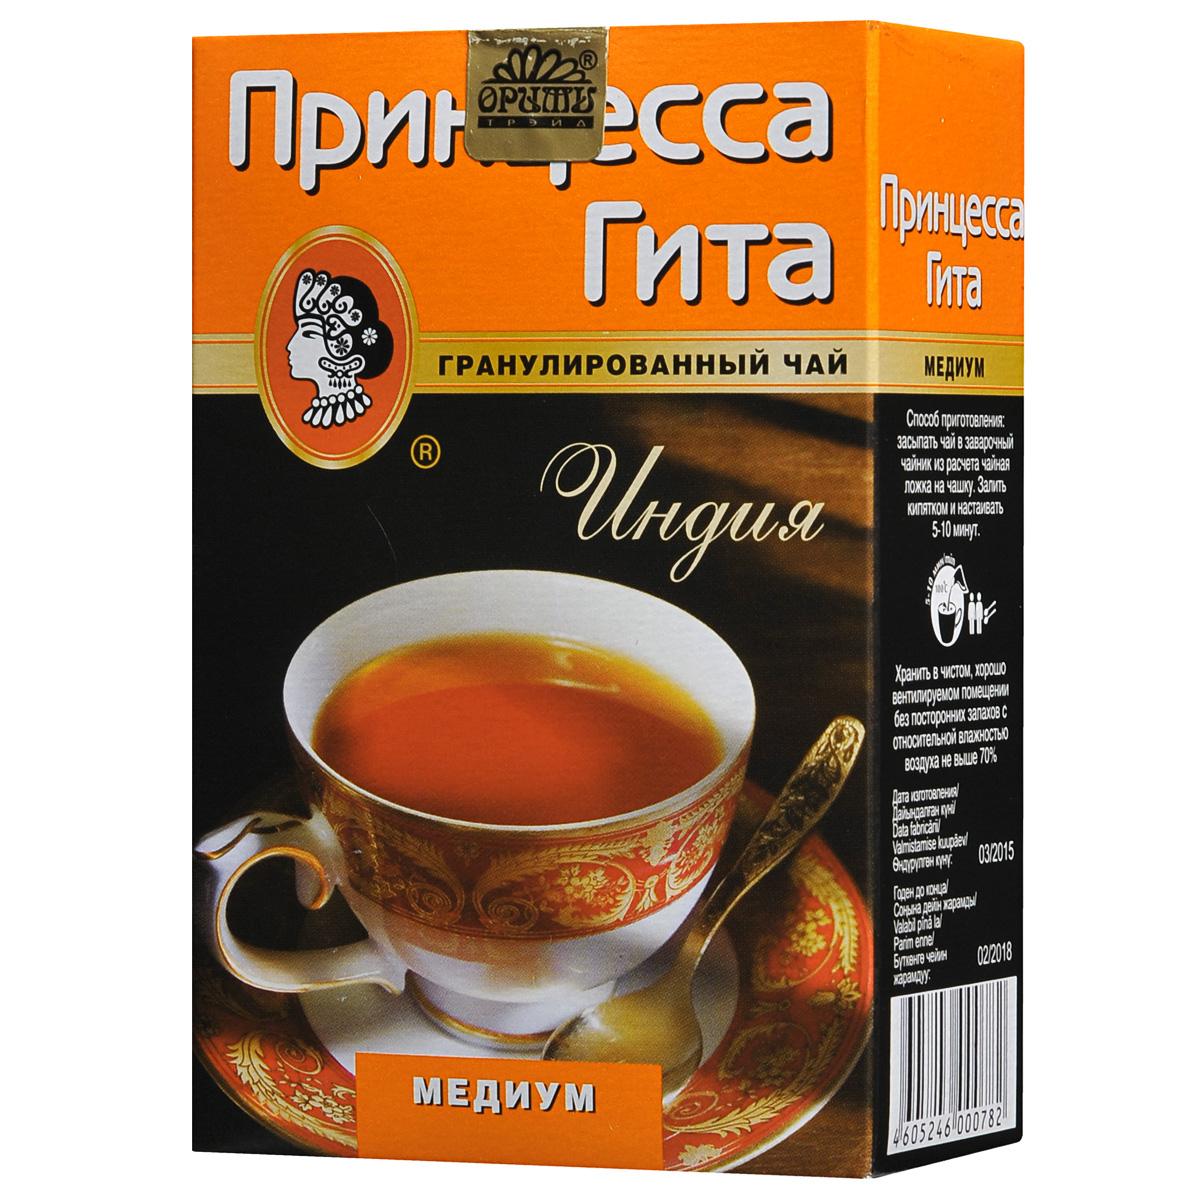 Принцесса Гита Медиум черный гранулированный чай, 100 г0078-80Принцесса Гита Медиум - это черный гранулированный Южно-Индийский чай с интенсивным цветом настоя и умеренной терпкости. Заваривается в течение нескольких секунд, экономичен.